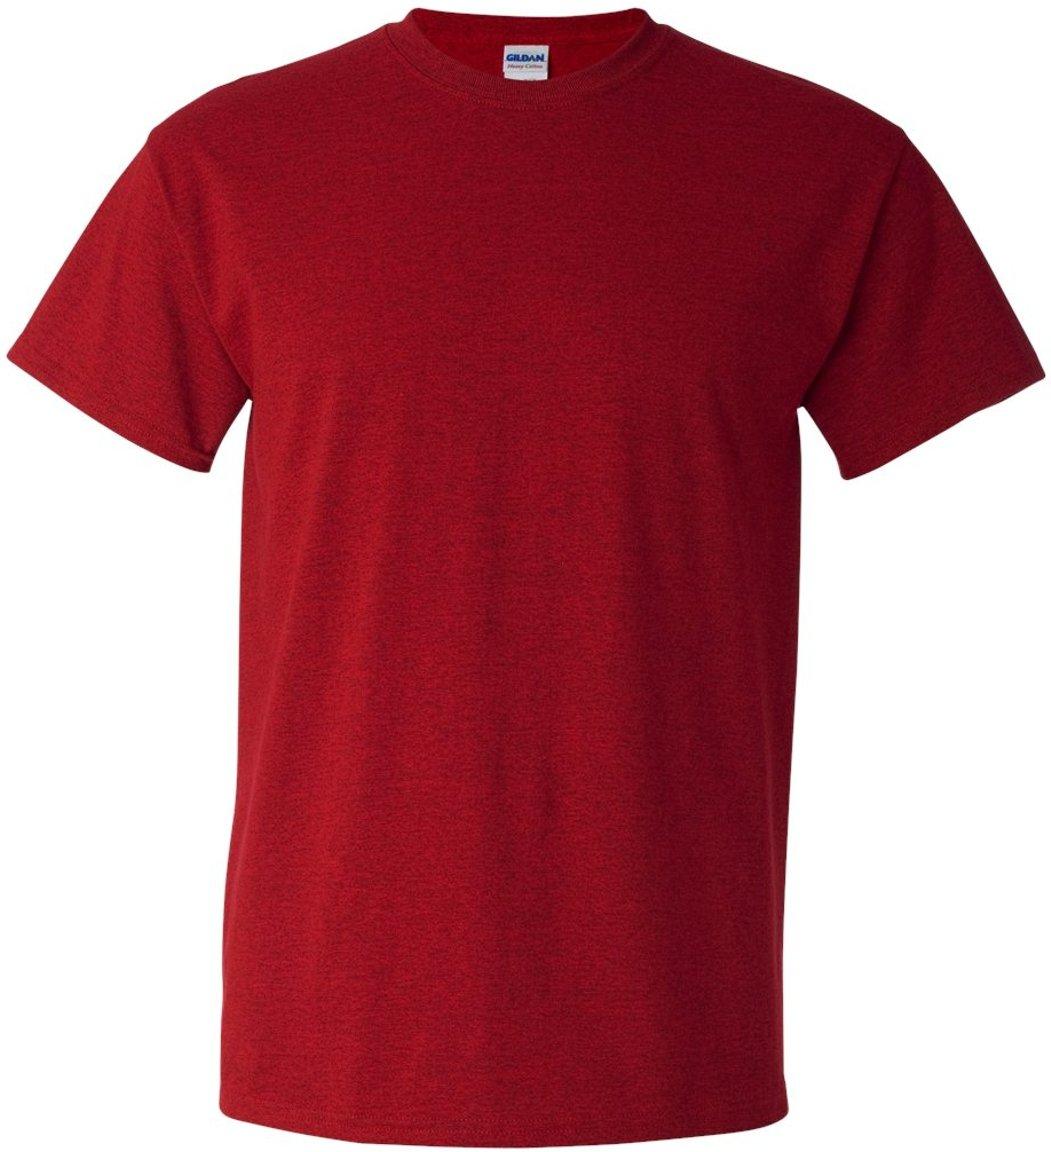 (ギルダン) Gildan メンズ ヘビーコットン 半袖Tシャツ トップス カットソー 定番 男性用 B008WCCA2Y XX-Large レッド レッド XXLarge